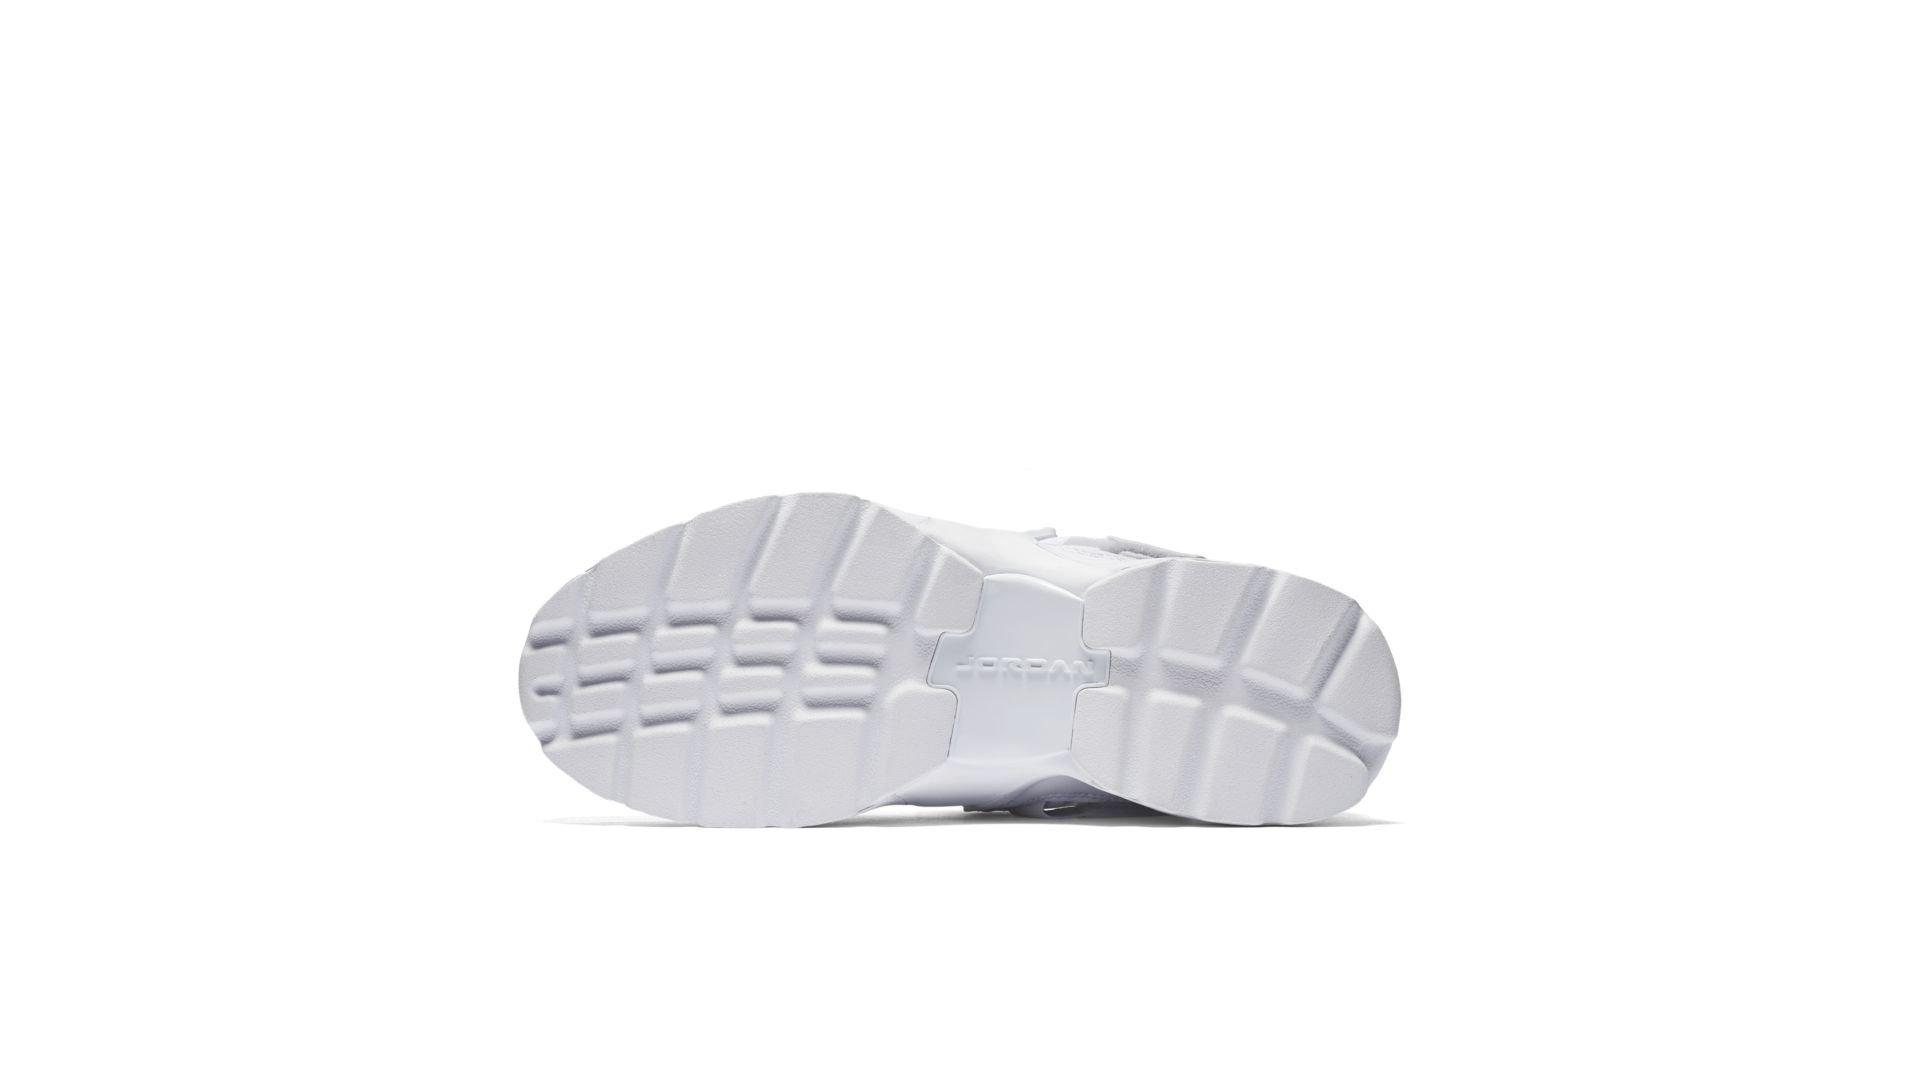 Jordan Trunner LX White Pure Platinum (GS) (897996-100)